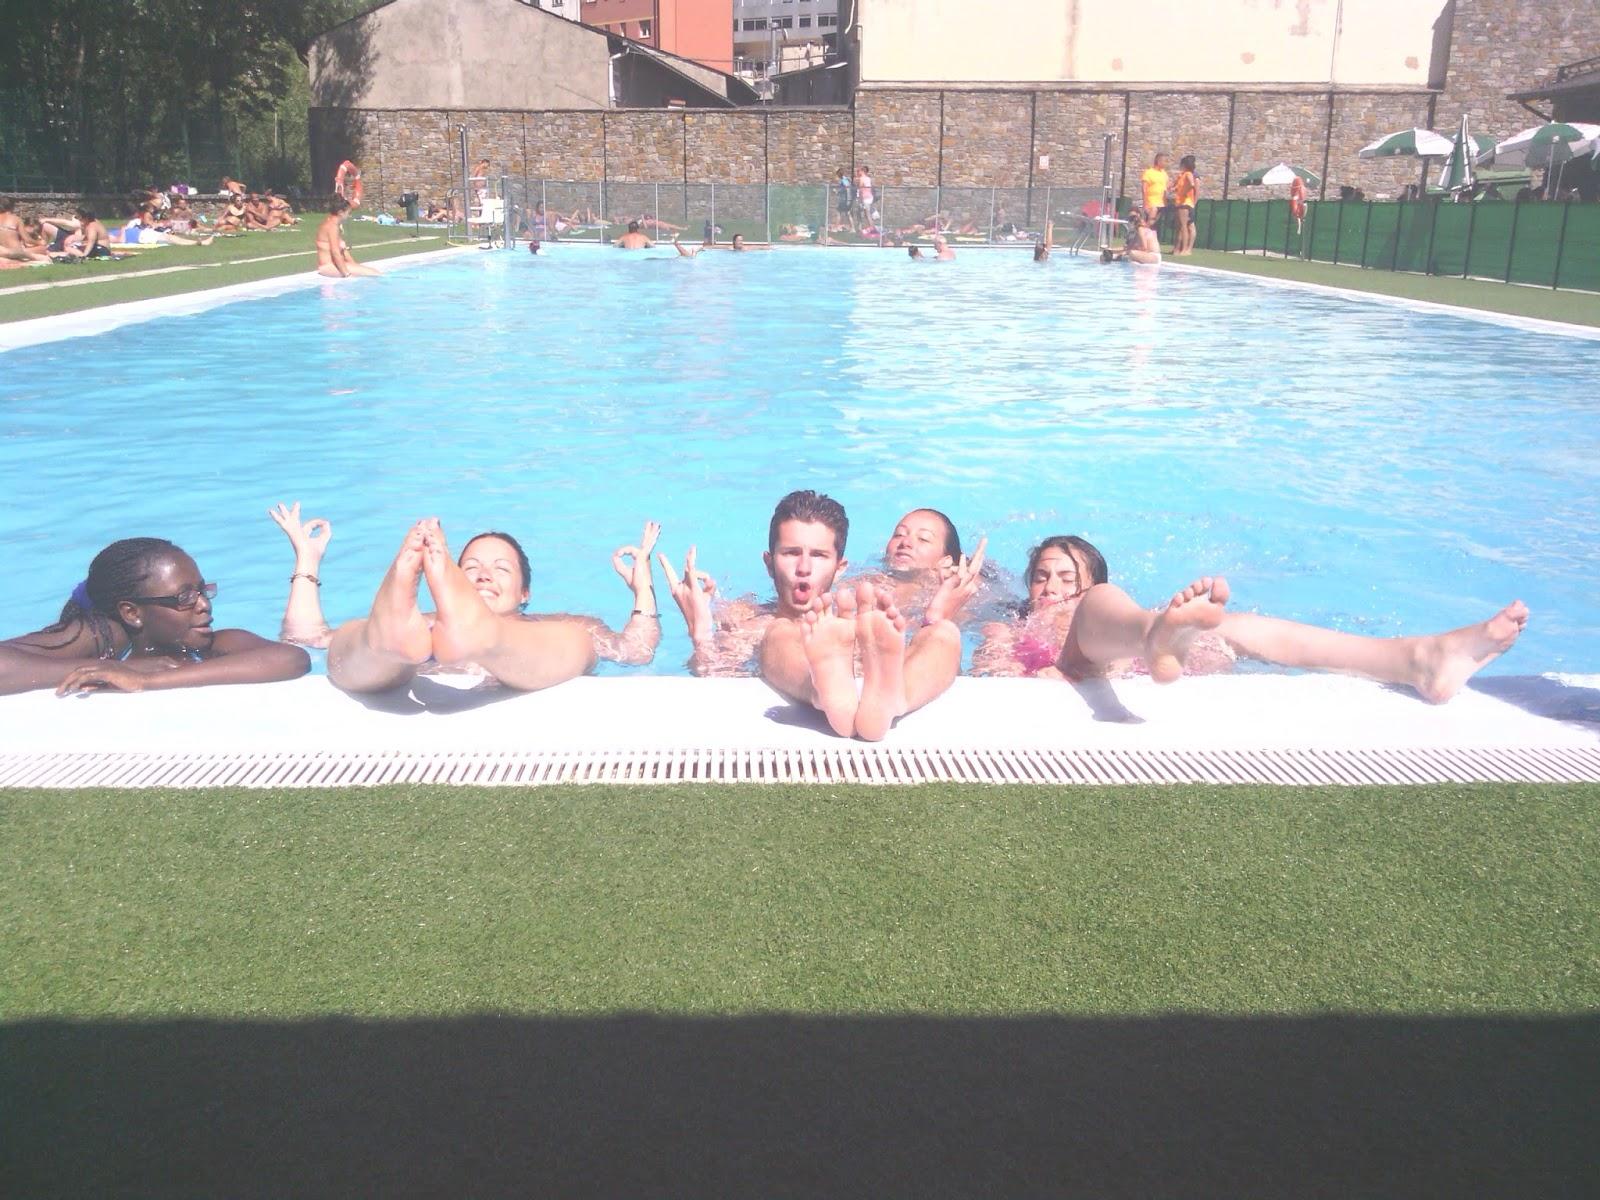 Andorre 2013 que ce passe t il la piscine for Piscine andorre